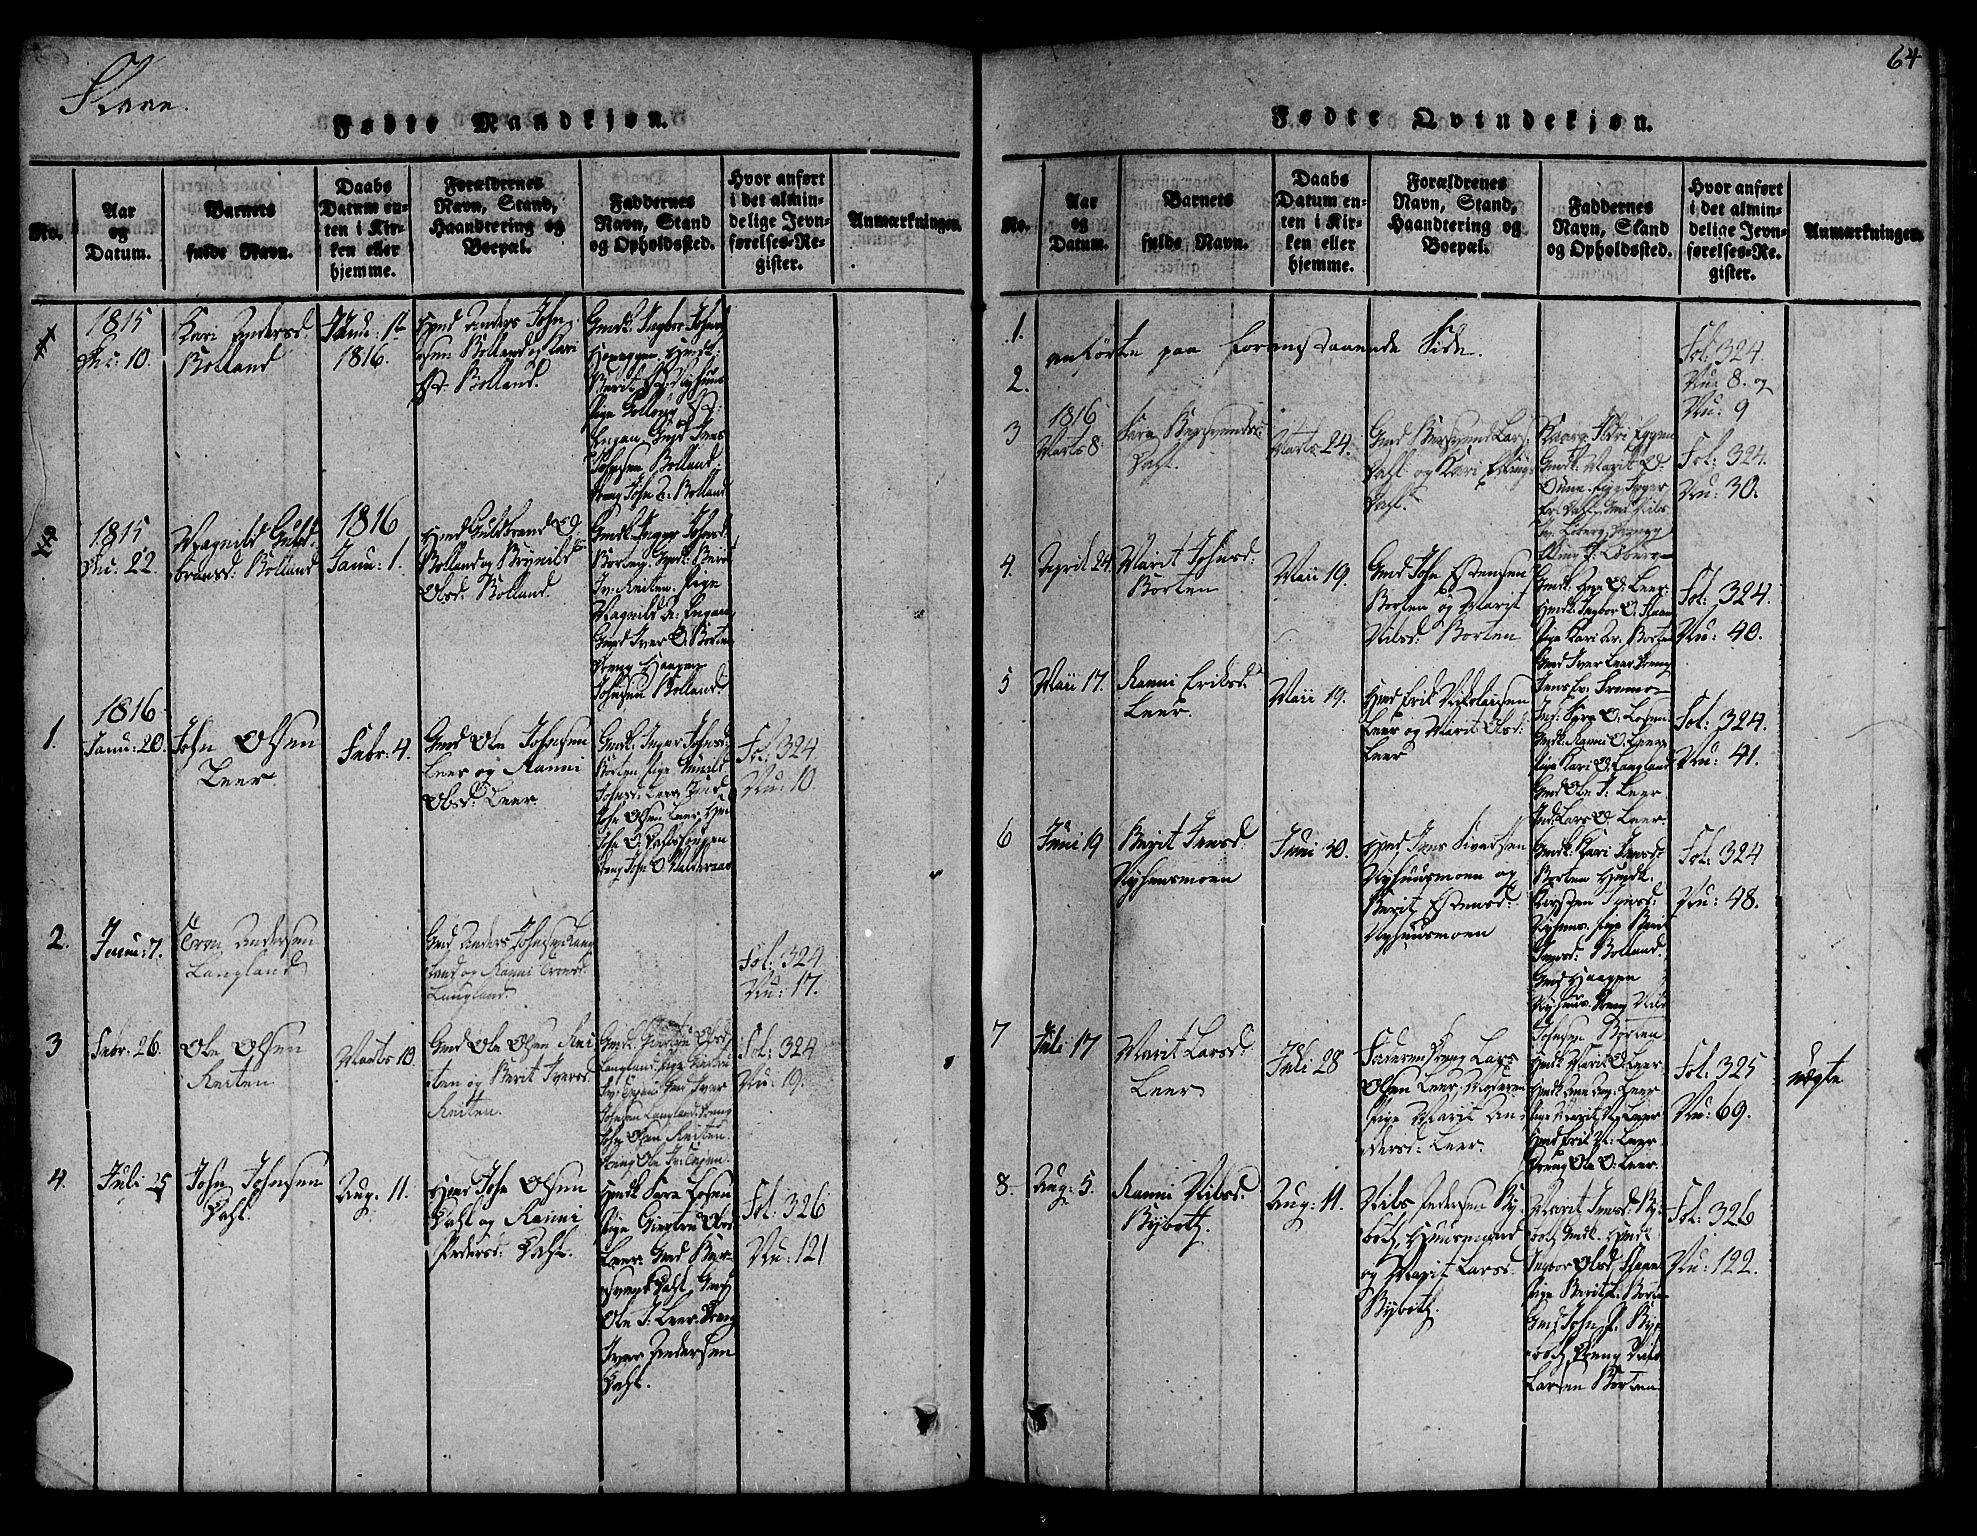 SAT, Ministerialprotokoller, klokkerbøker og fødselsregistre - Sør-Trøndelag, 691/L1066: Ministerialbok nr. 691A03 /2, 1816-1826, s. 64